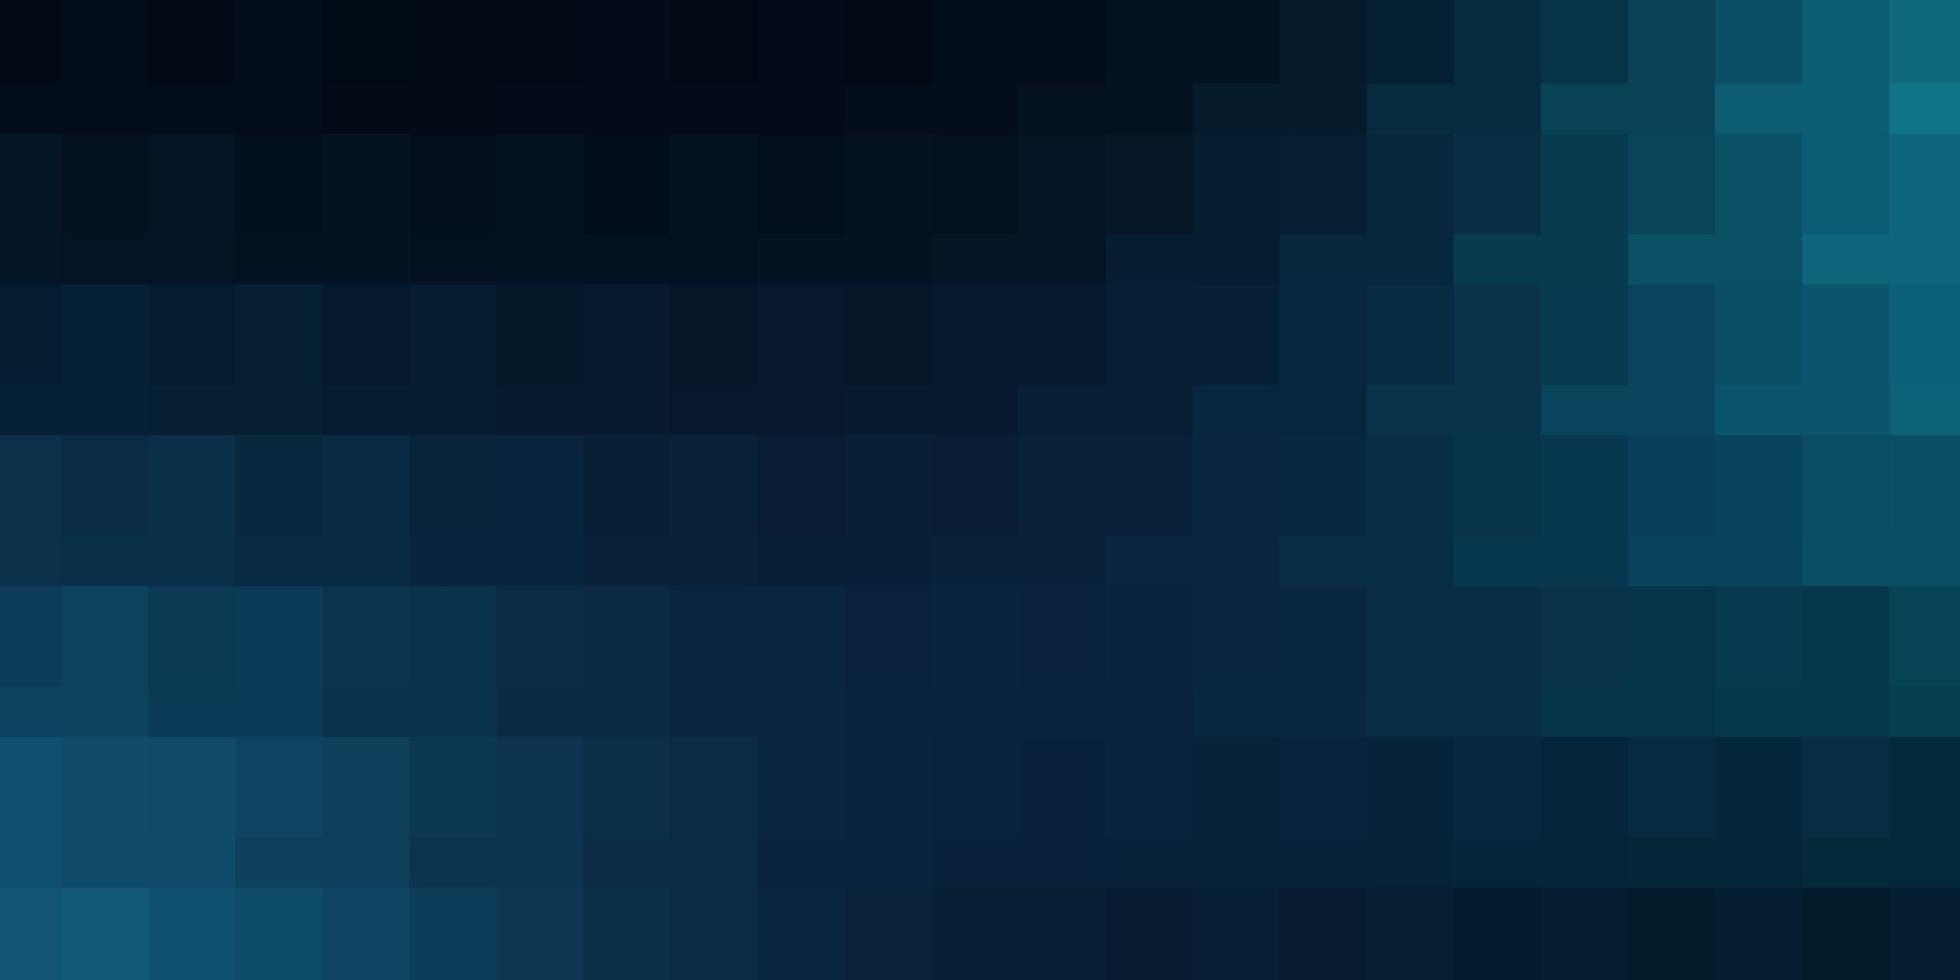 ljusblå vektorlayout med linjer, rektanglar. vektor